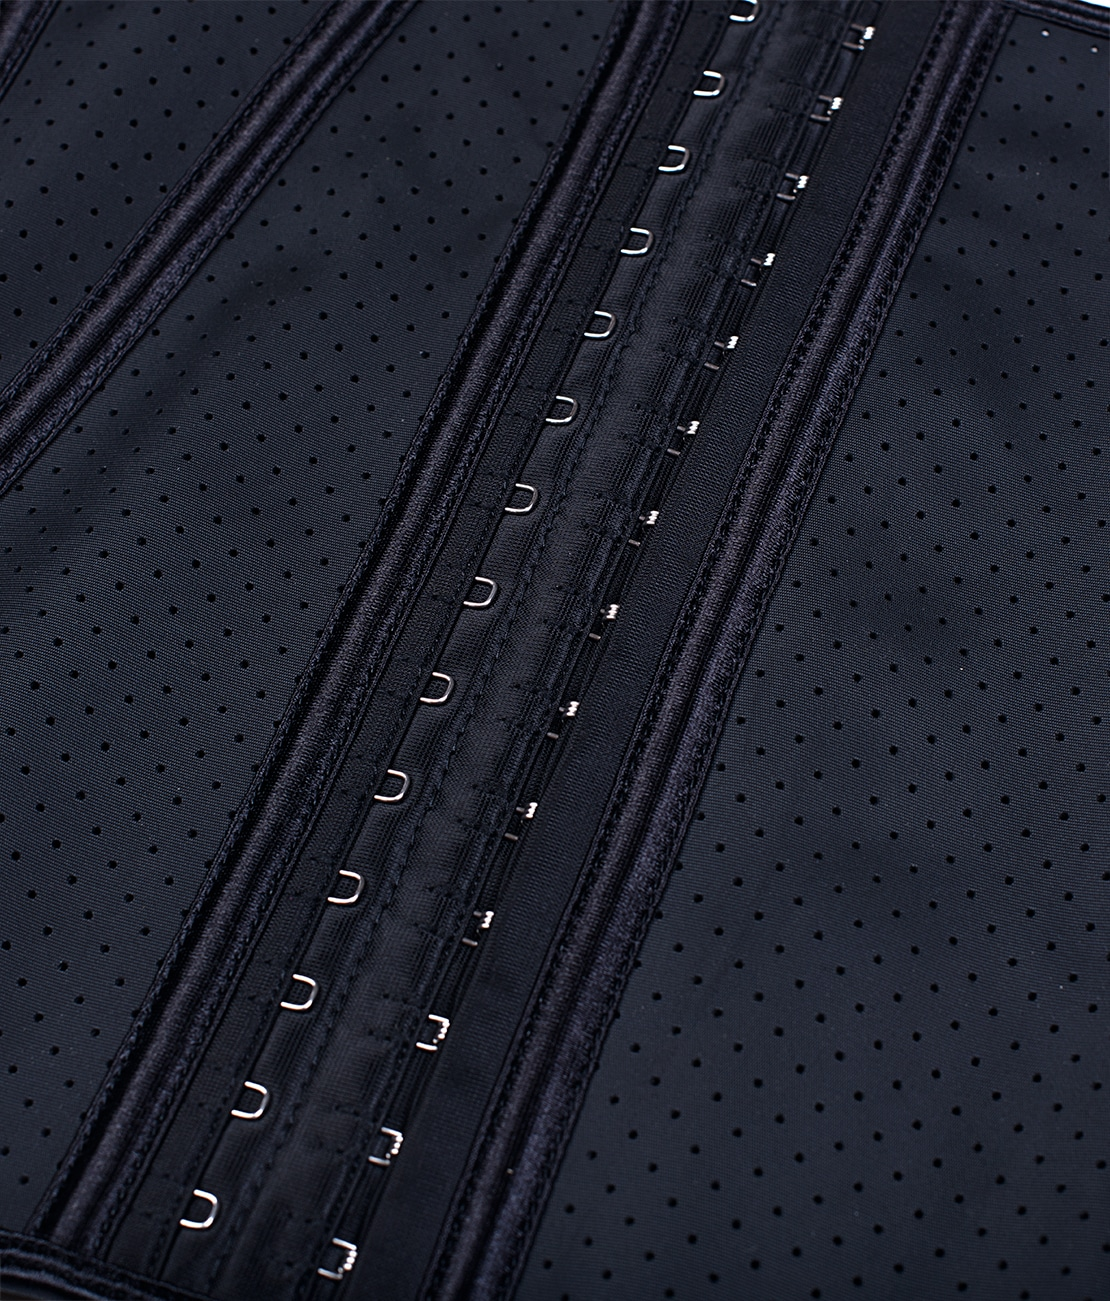 Gaine Sculptante Noire Packshot Detail 1